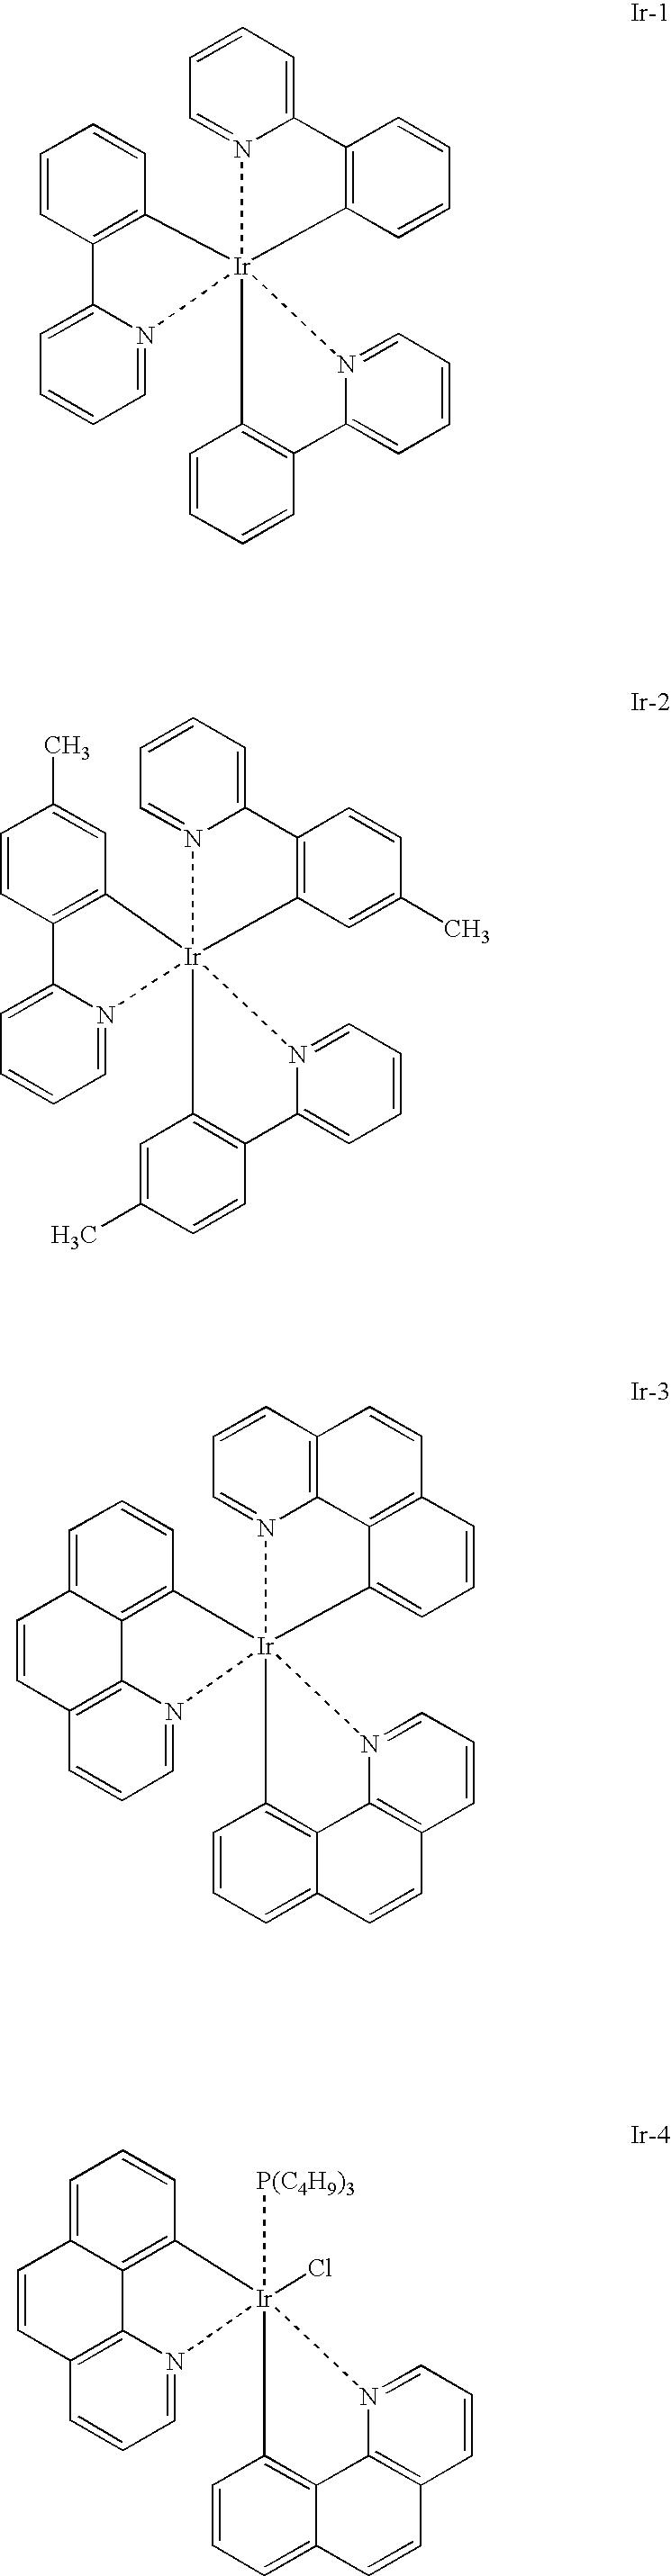 Figure US20080176041A1-20080724-C00002